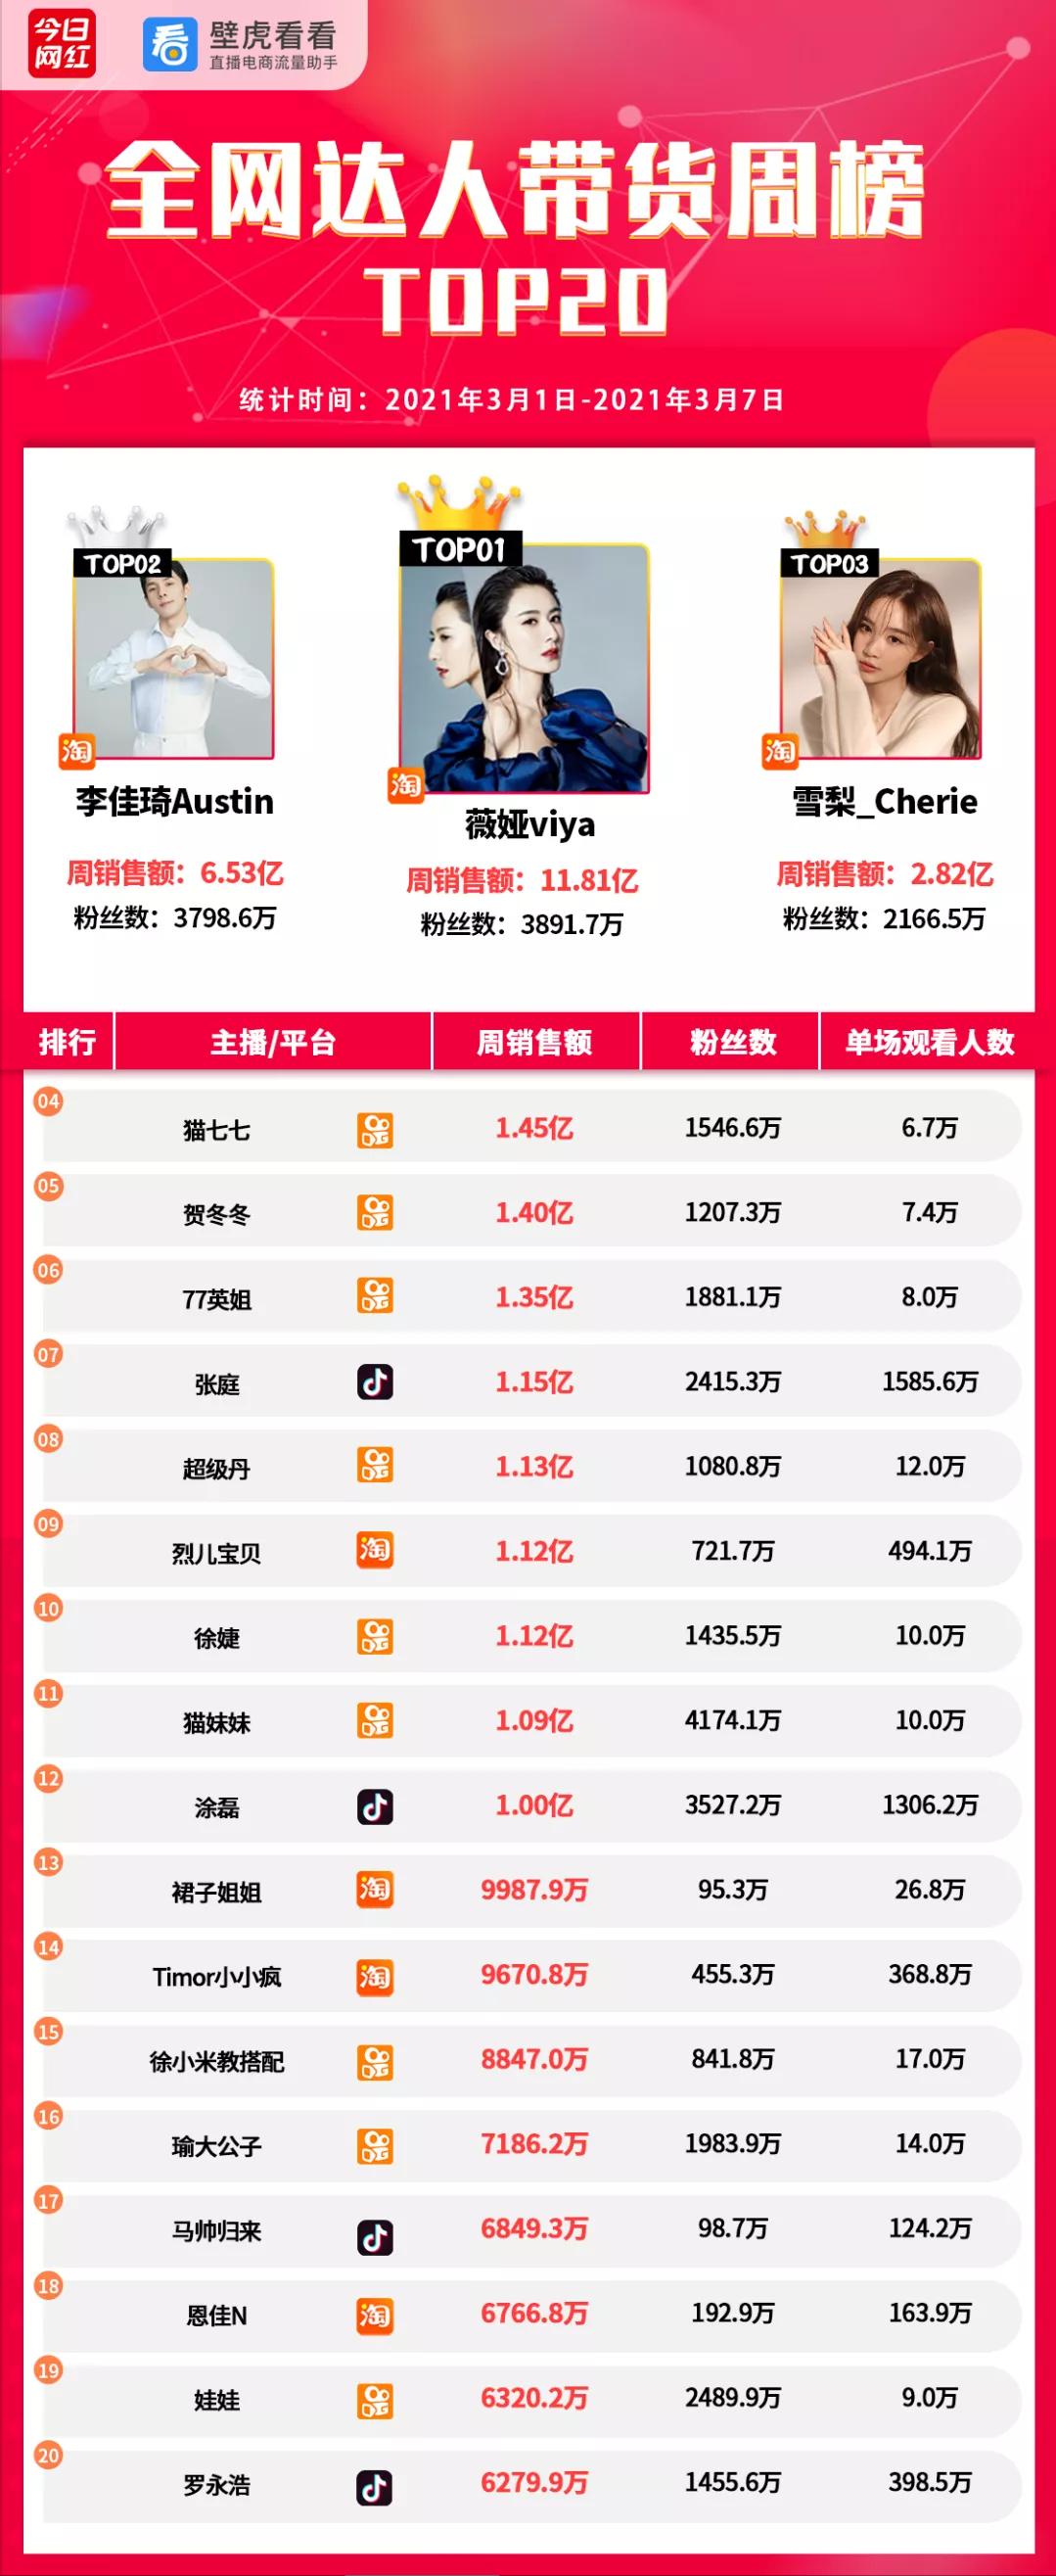 2021年带货网红排名前十(直播带货销量最高的十个网红)